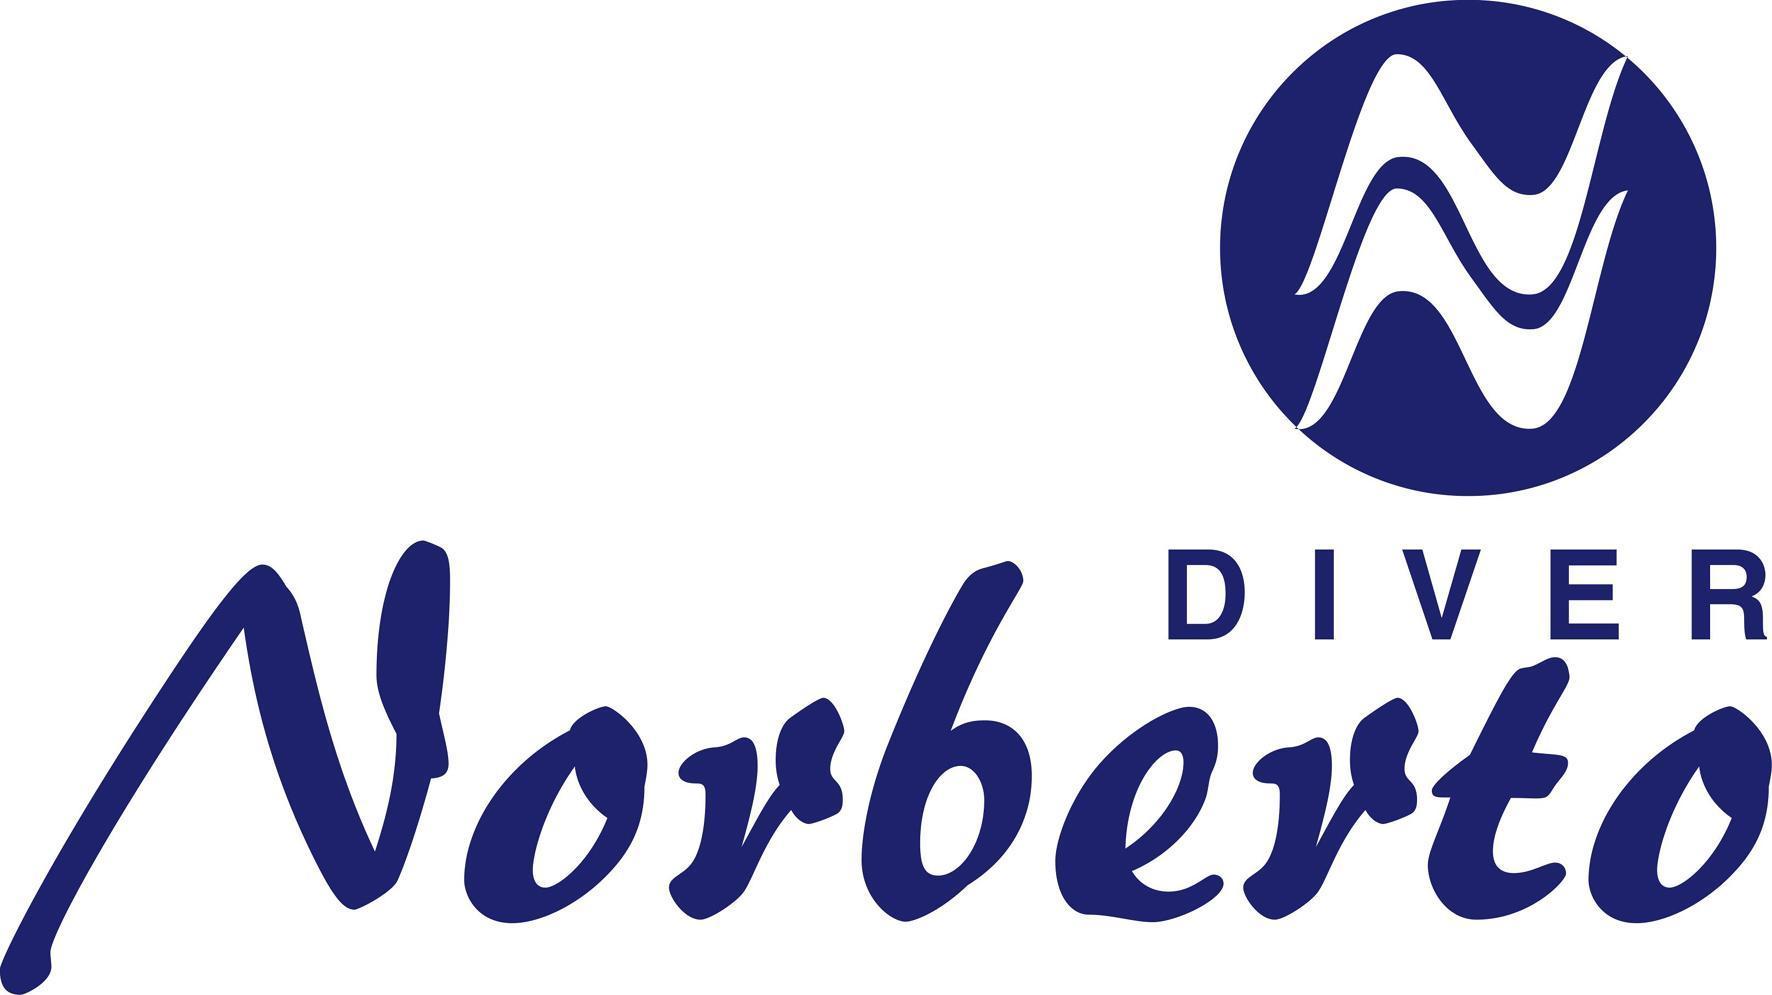 Norberto Diver, Atividades Marítimas Lda